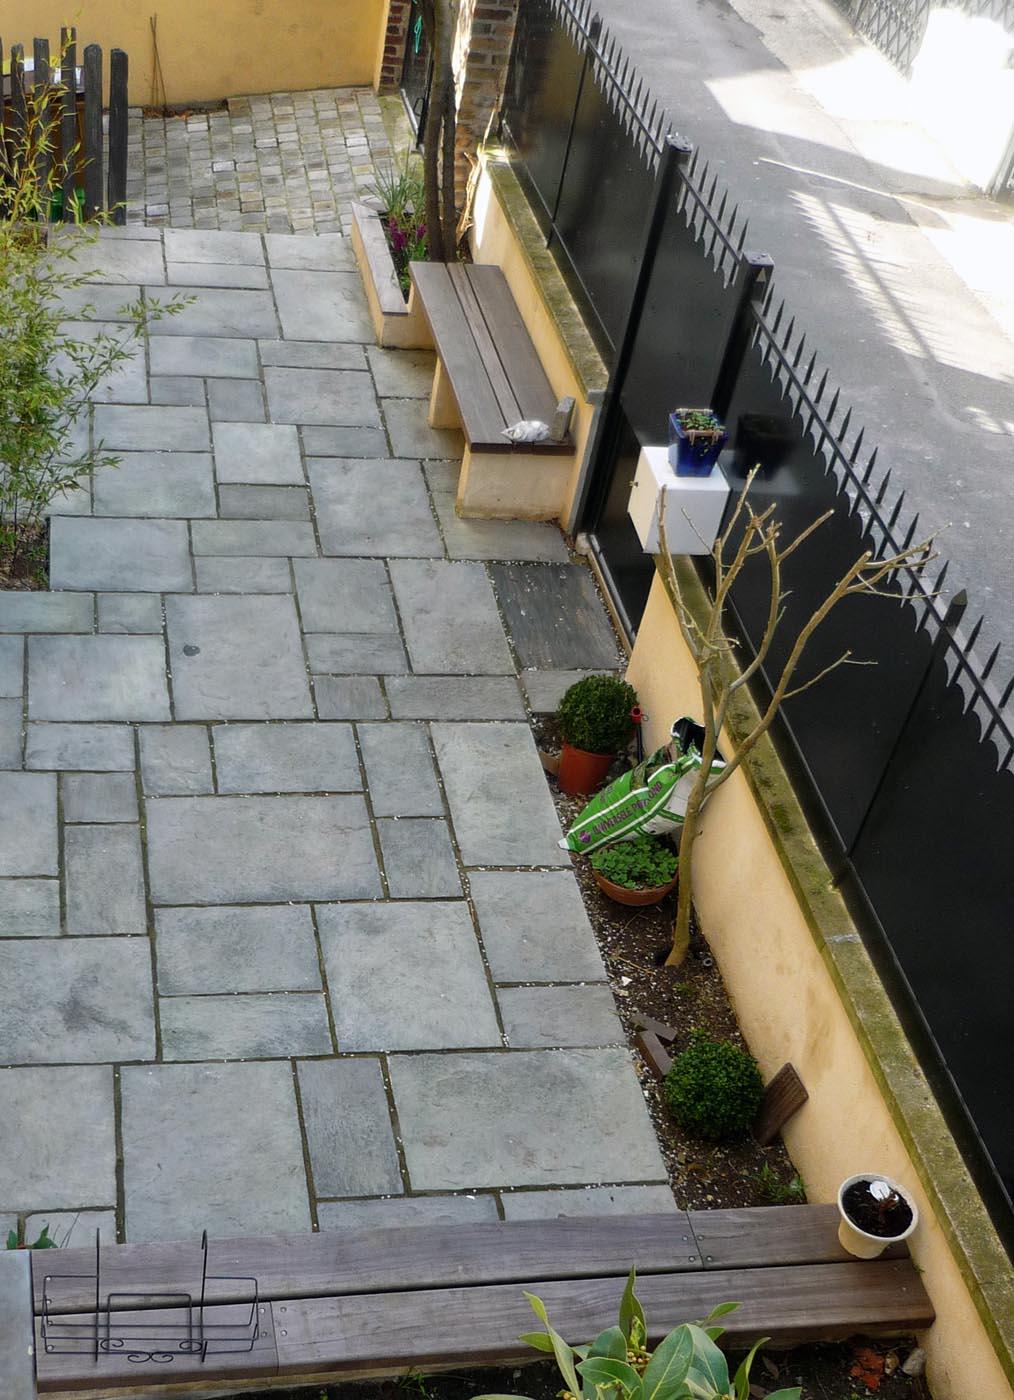 Piquet En Ardoise Bois Jardin jardin patio pour maison de ville (92) | jardin velours